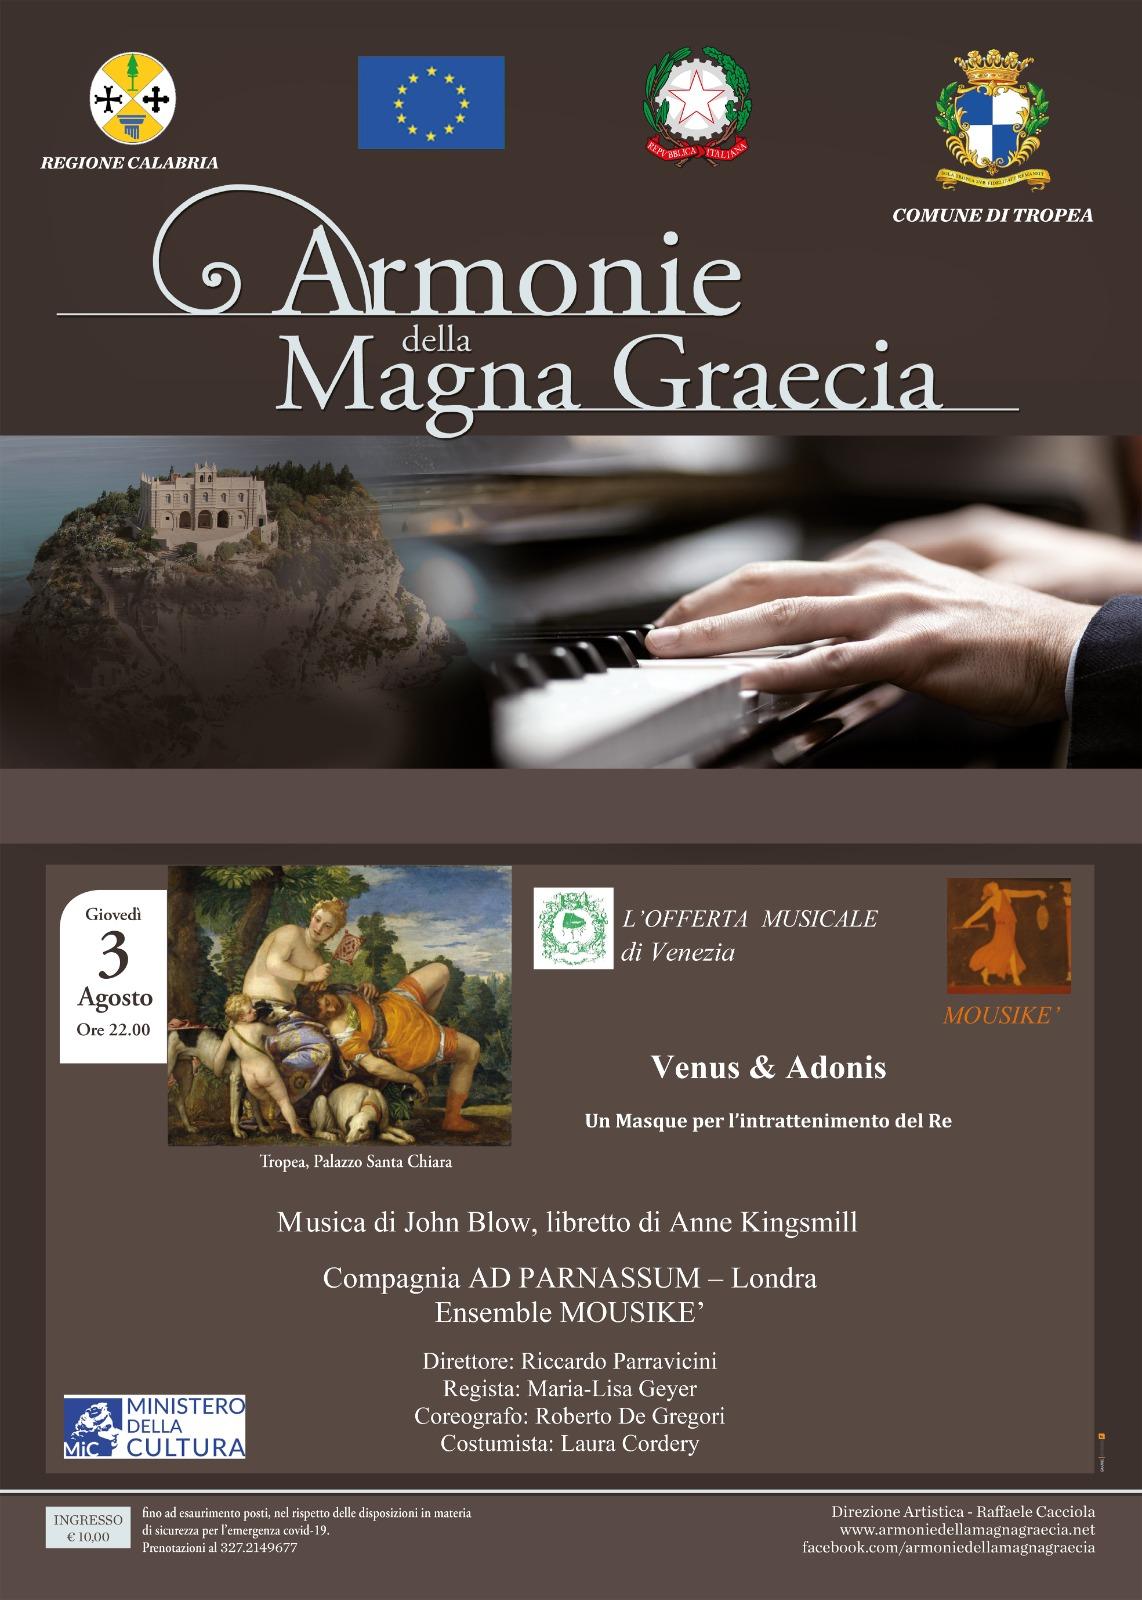 Armonie della Magna Graecia – Giovedì 3 Agosto ore 22.00 Palazzo S. Chiara